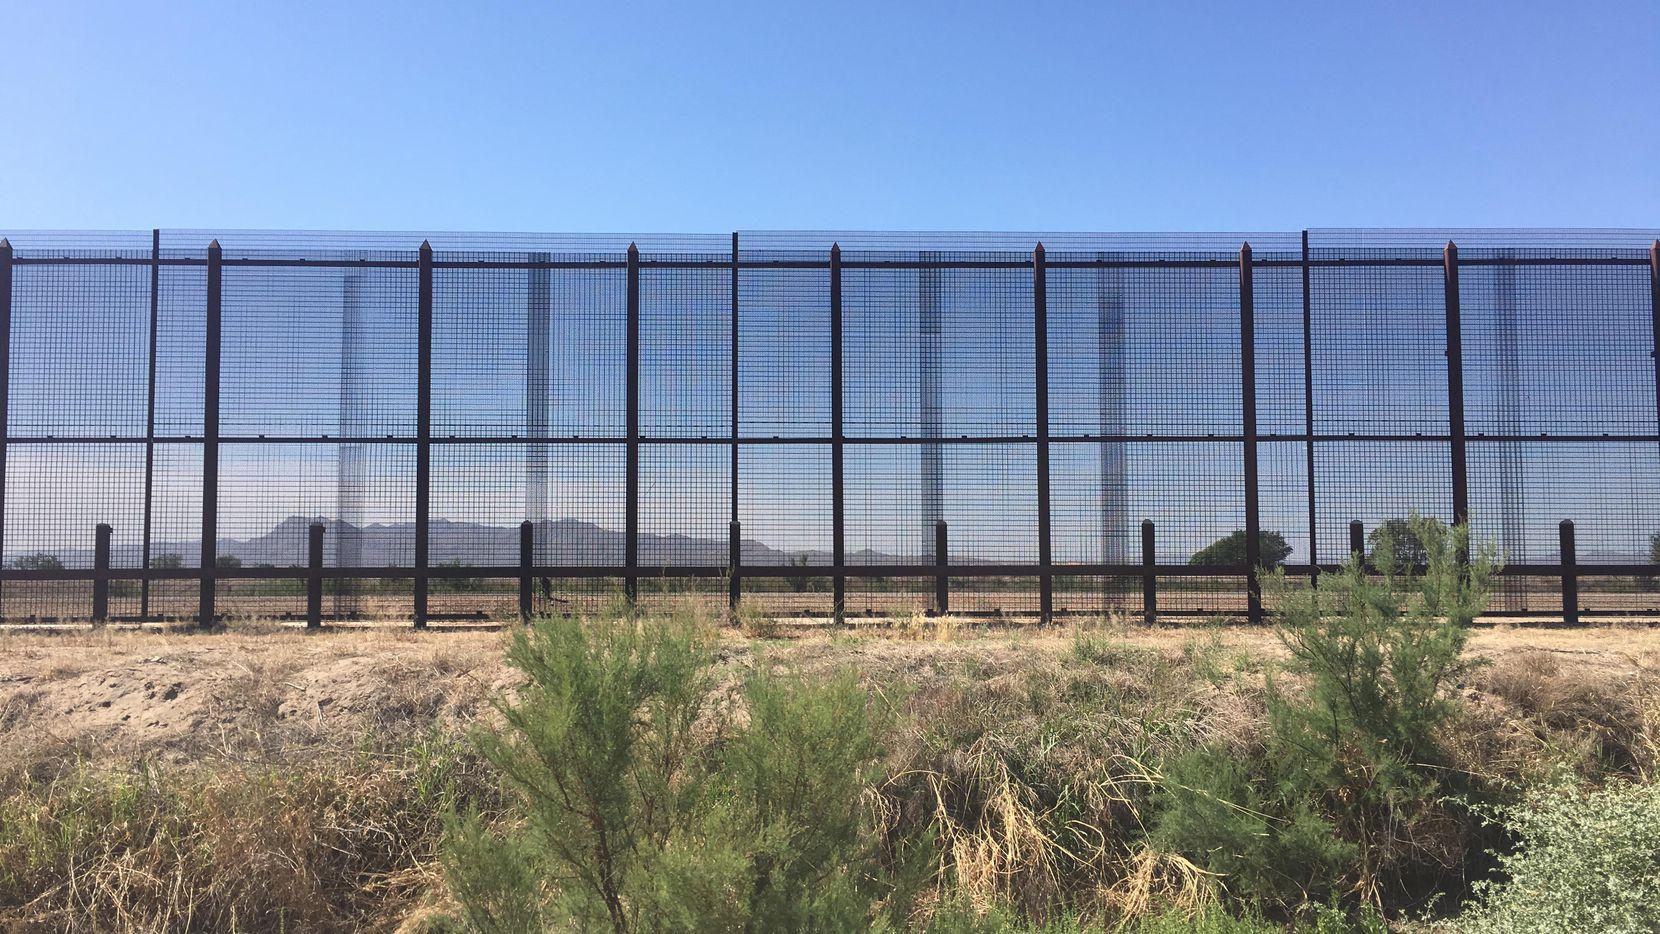 Sección de la barda en la frontera entre Tornillo, Texas y Chihuahua, México. (DMN/Angela Kocherga)